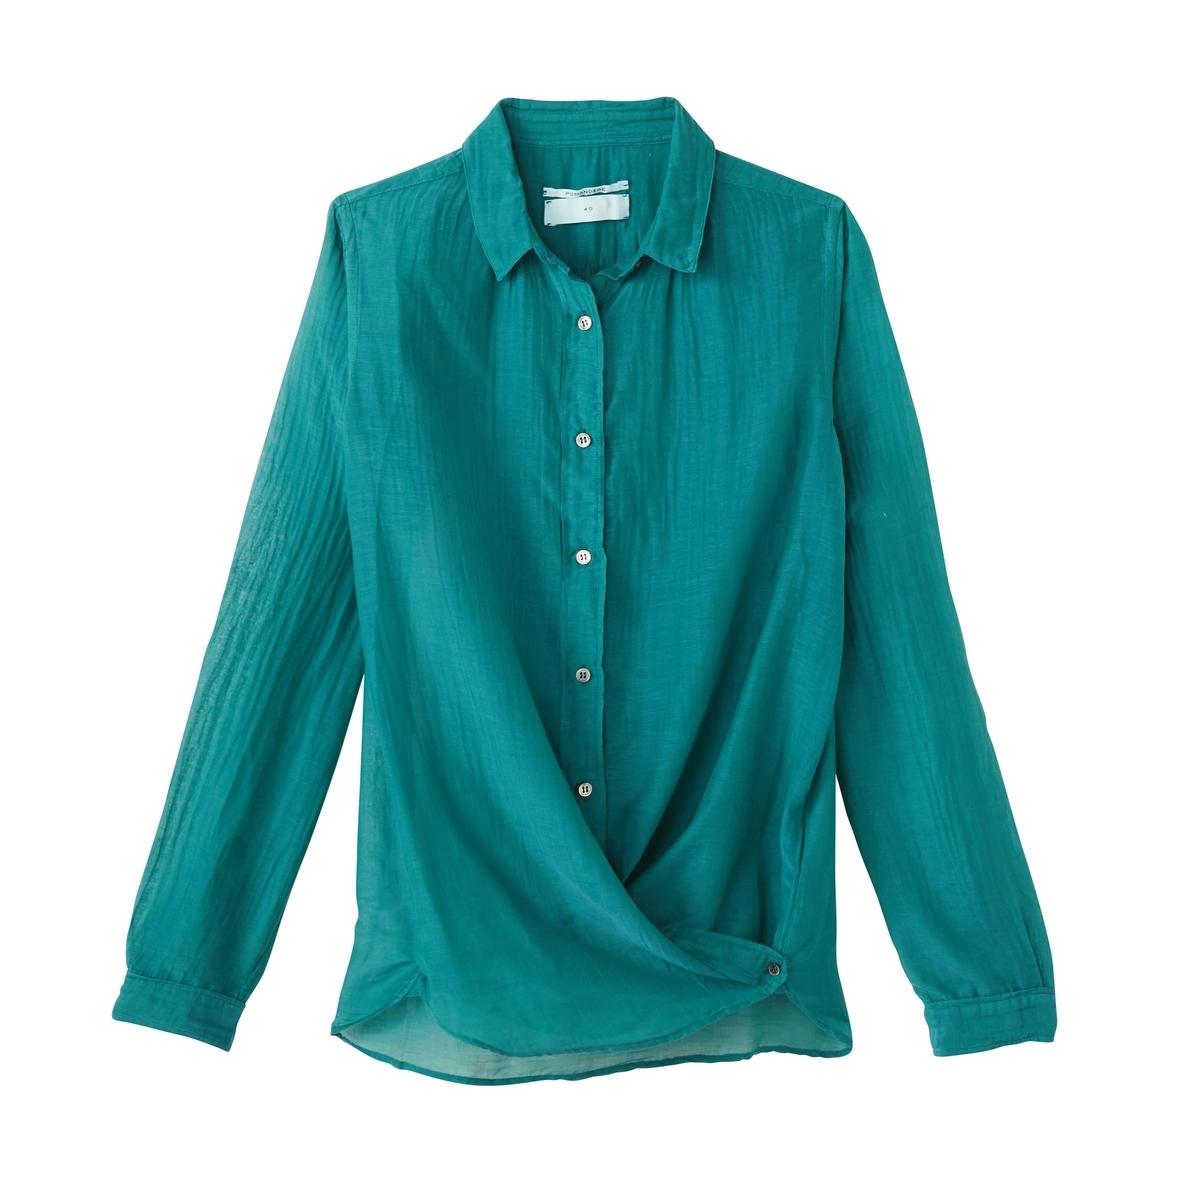 Рубашка из шелка и хлопкаРубашка с длинными рукавами из шелка и хлопка POMANDERE.Детали •  Длинные рукава  •  Приталенный покрой  •   V-образный вырезСостав и уход •  30% шелка, 70% хлопка  •  Следуйте советам по уходу, указанным на этикетке<br><br>Цвет: зеленый